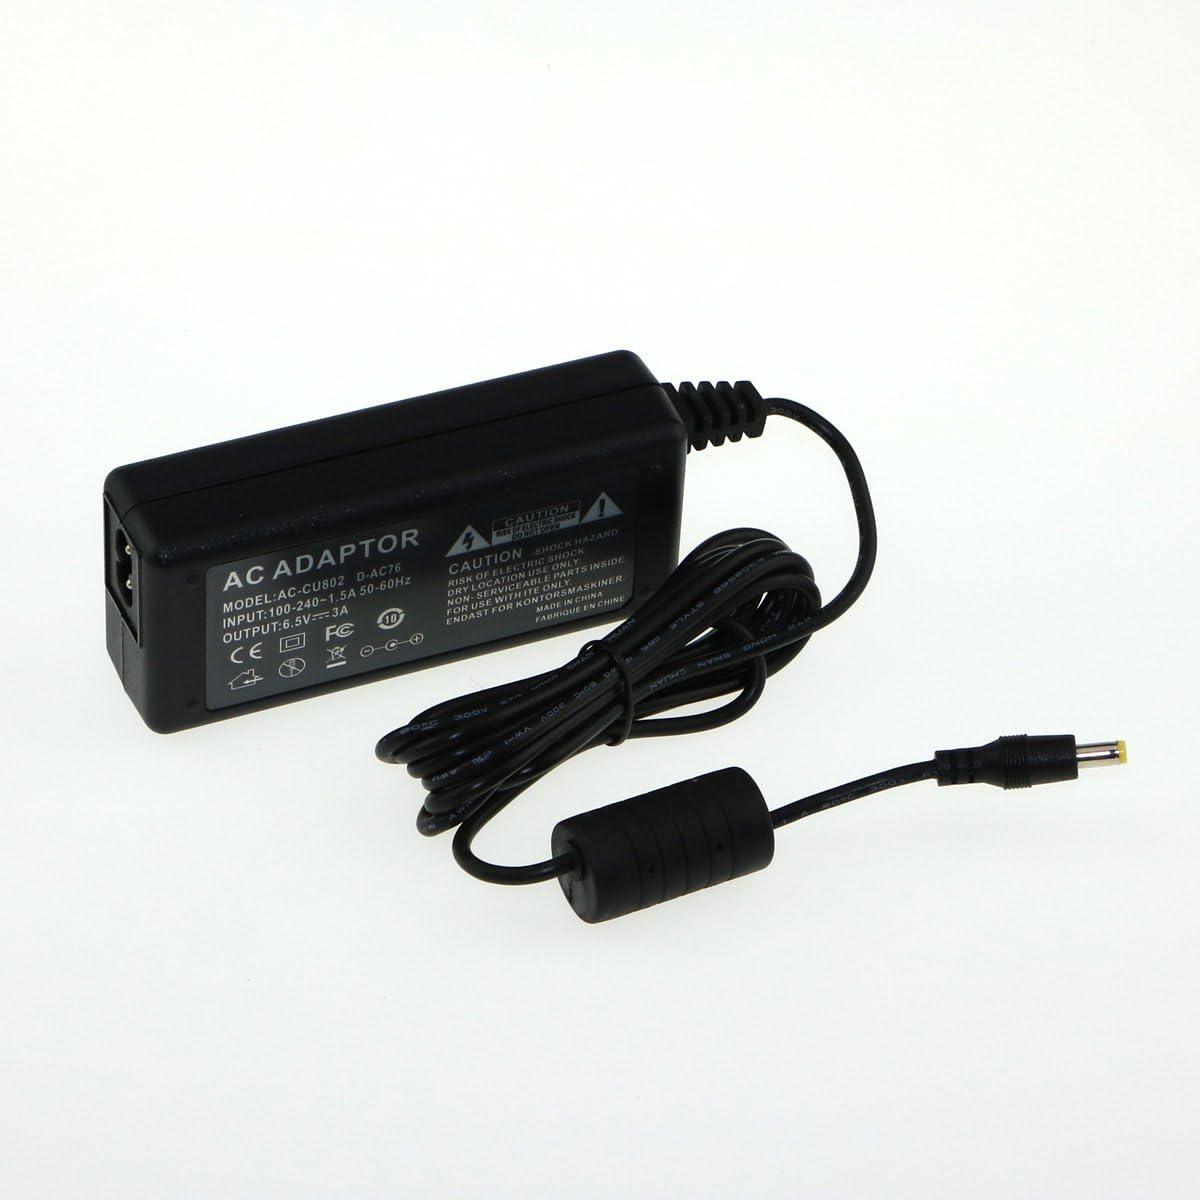 Glorich D-AC76 - Adaptador de Corriente de Repuesto para cámaras ...